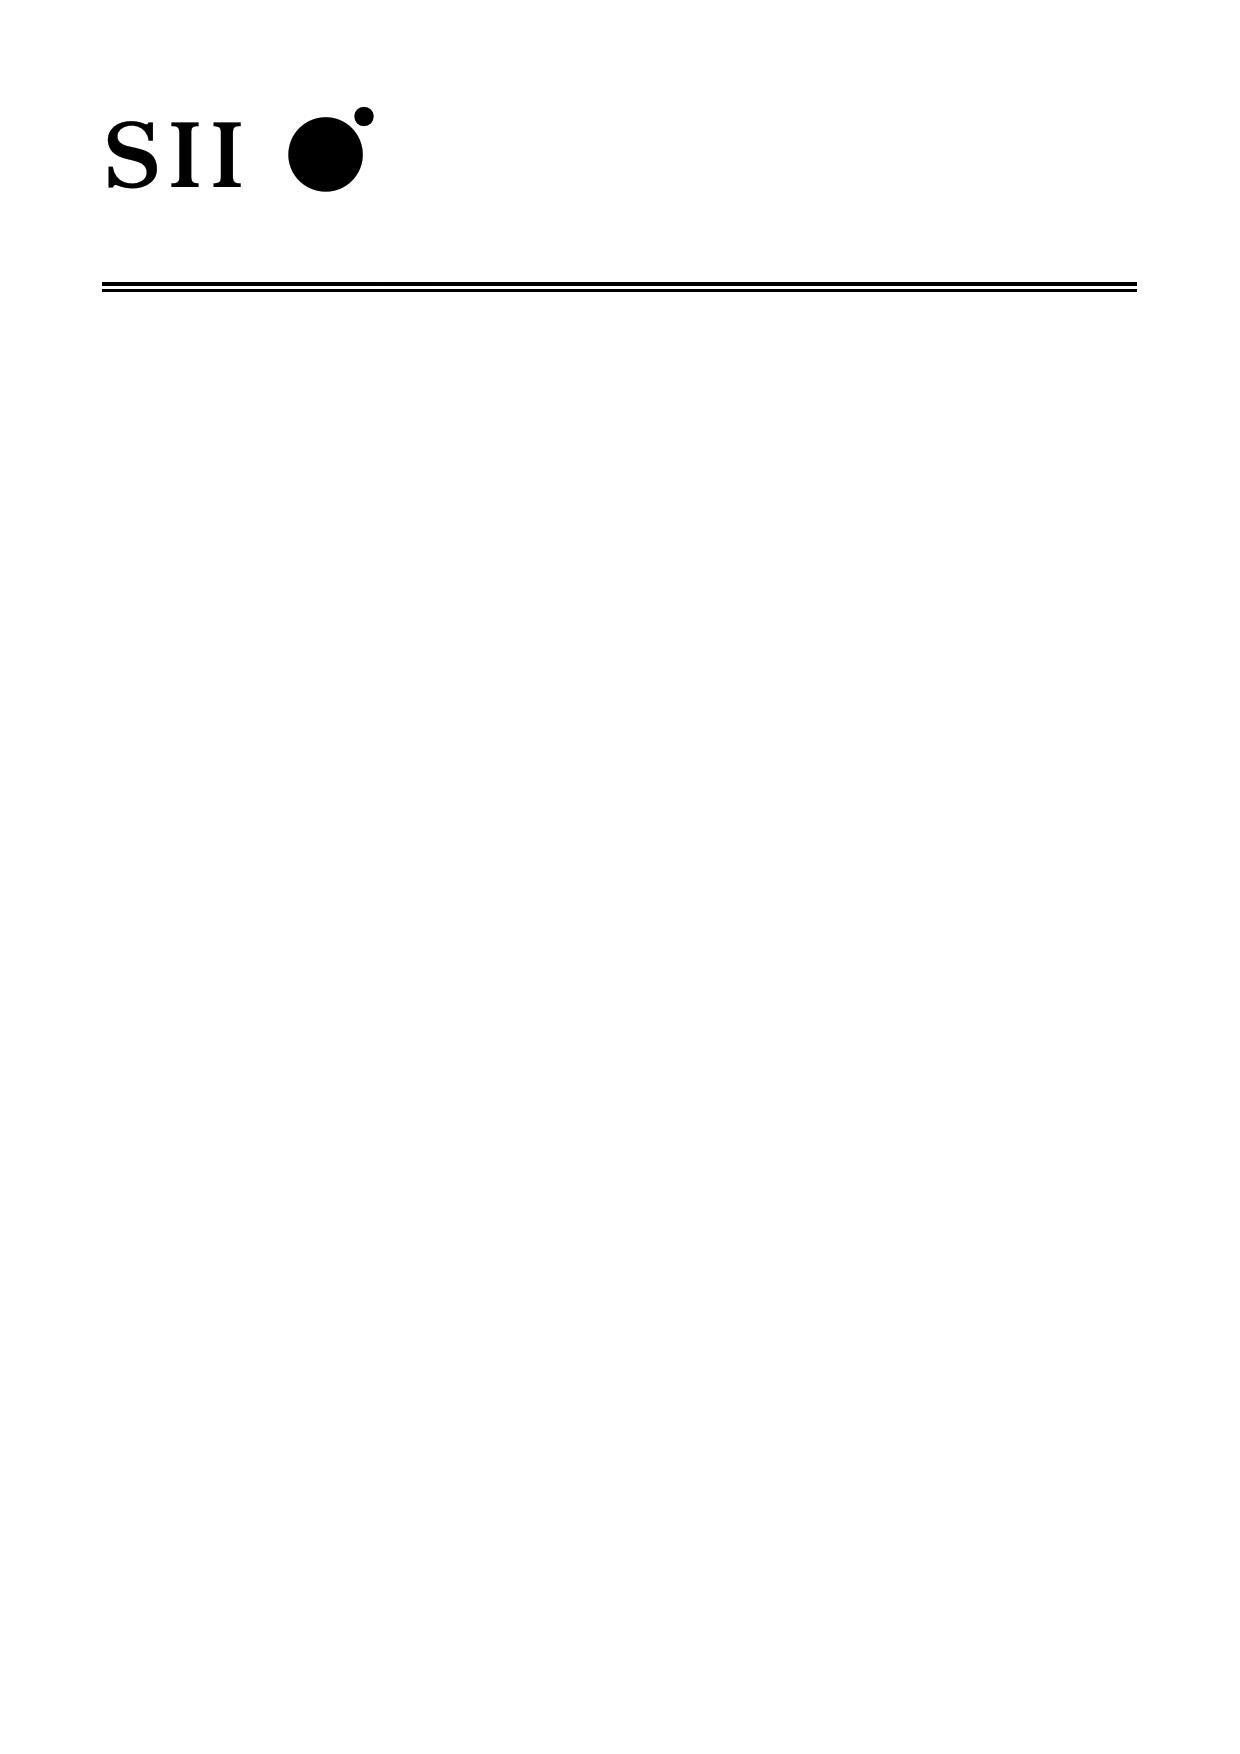 S-1335 datasheet